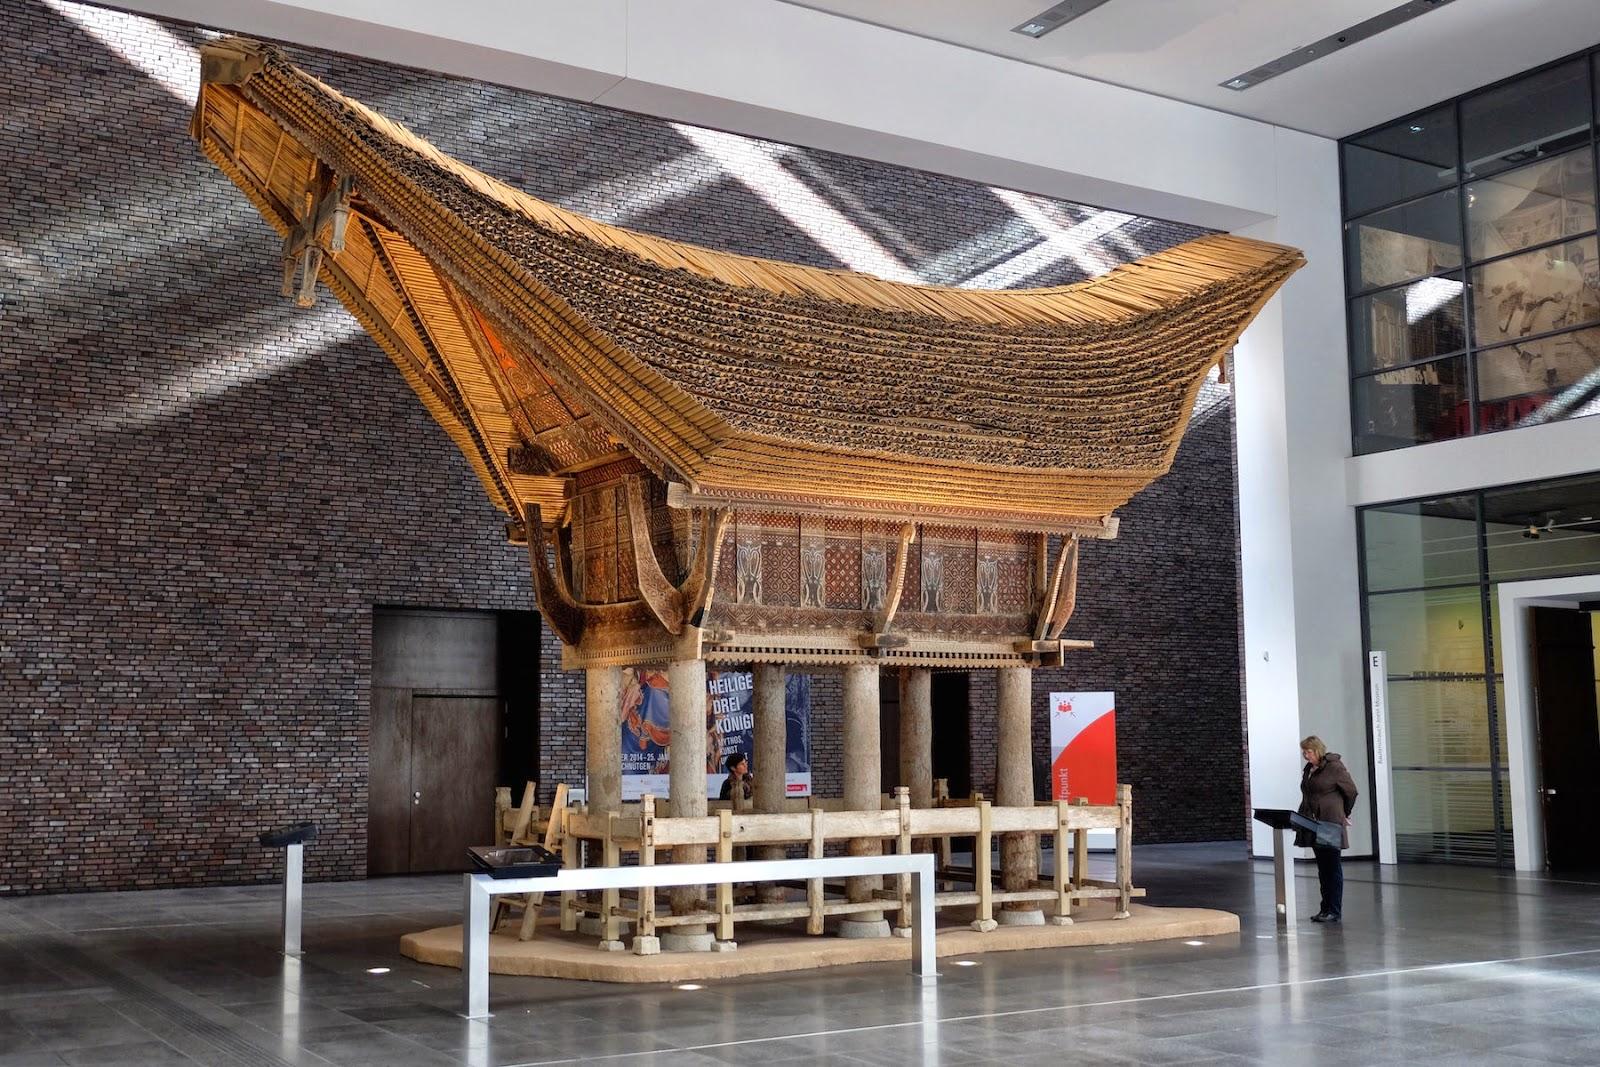 der Reisspeicher wurde in den 1930er Jahren in Indonesien hergestellt